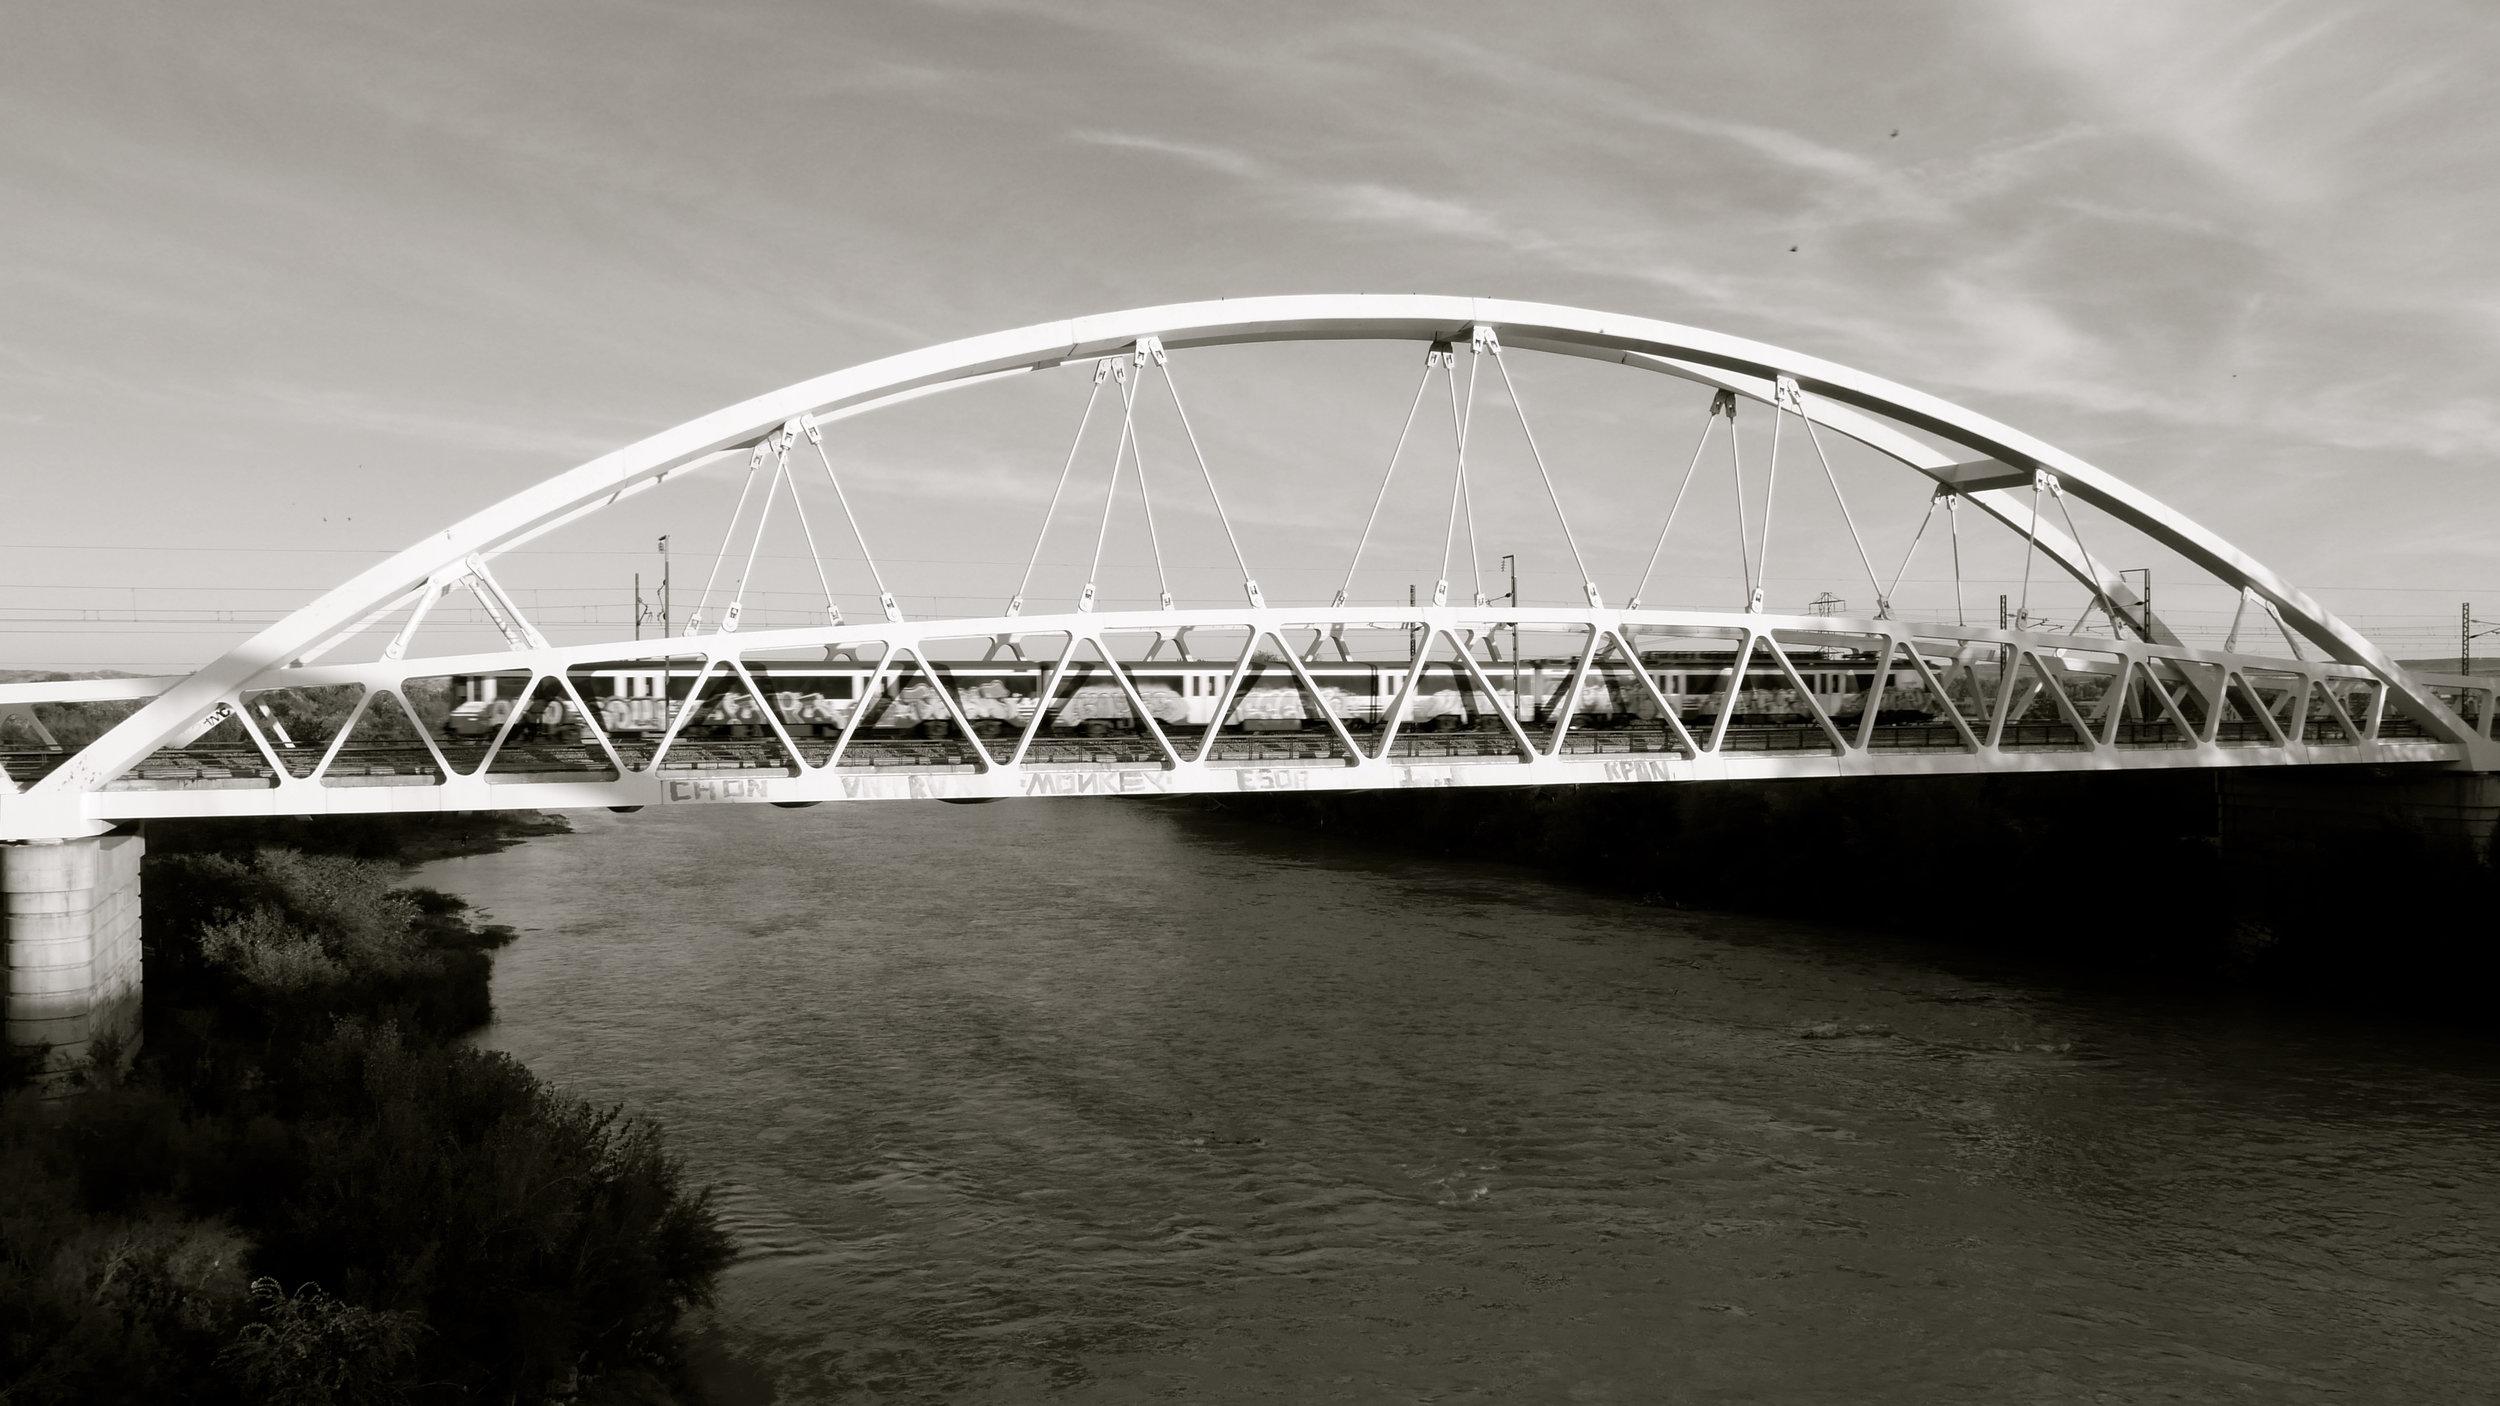 Puente del ferrocarril sobre el río Ebro. Zaragoza - 1